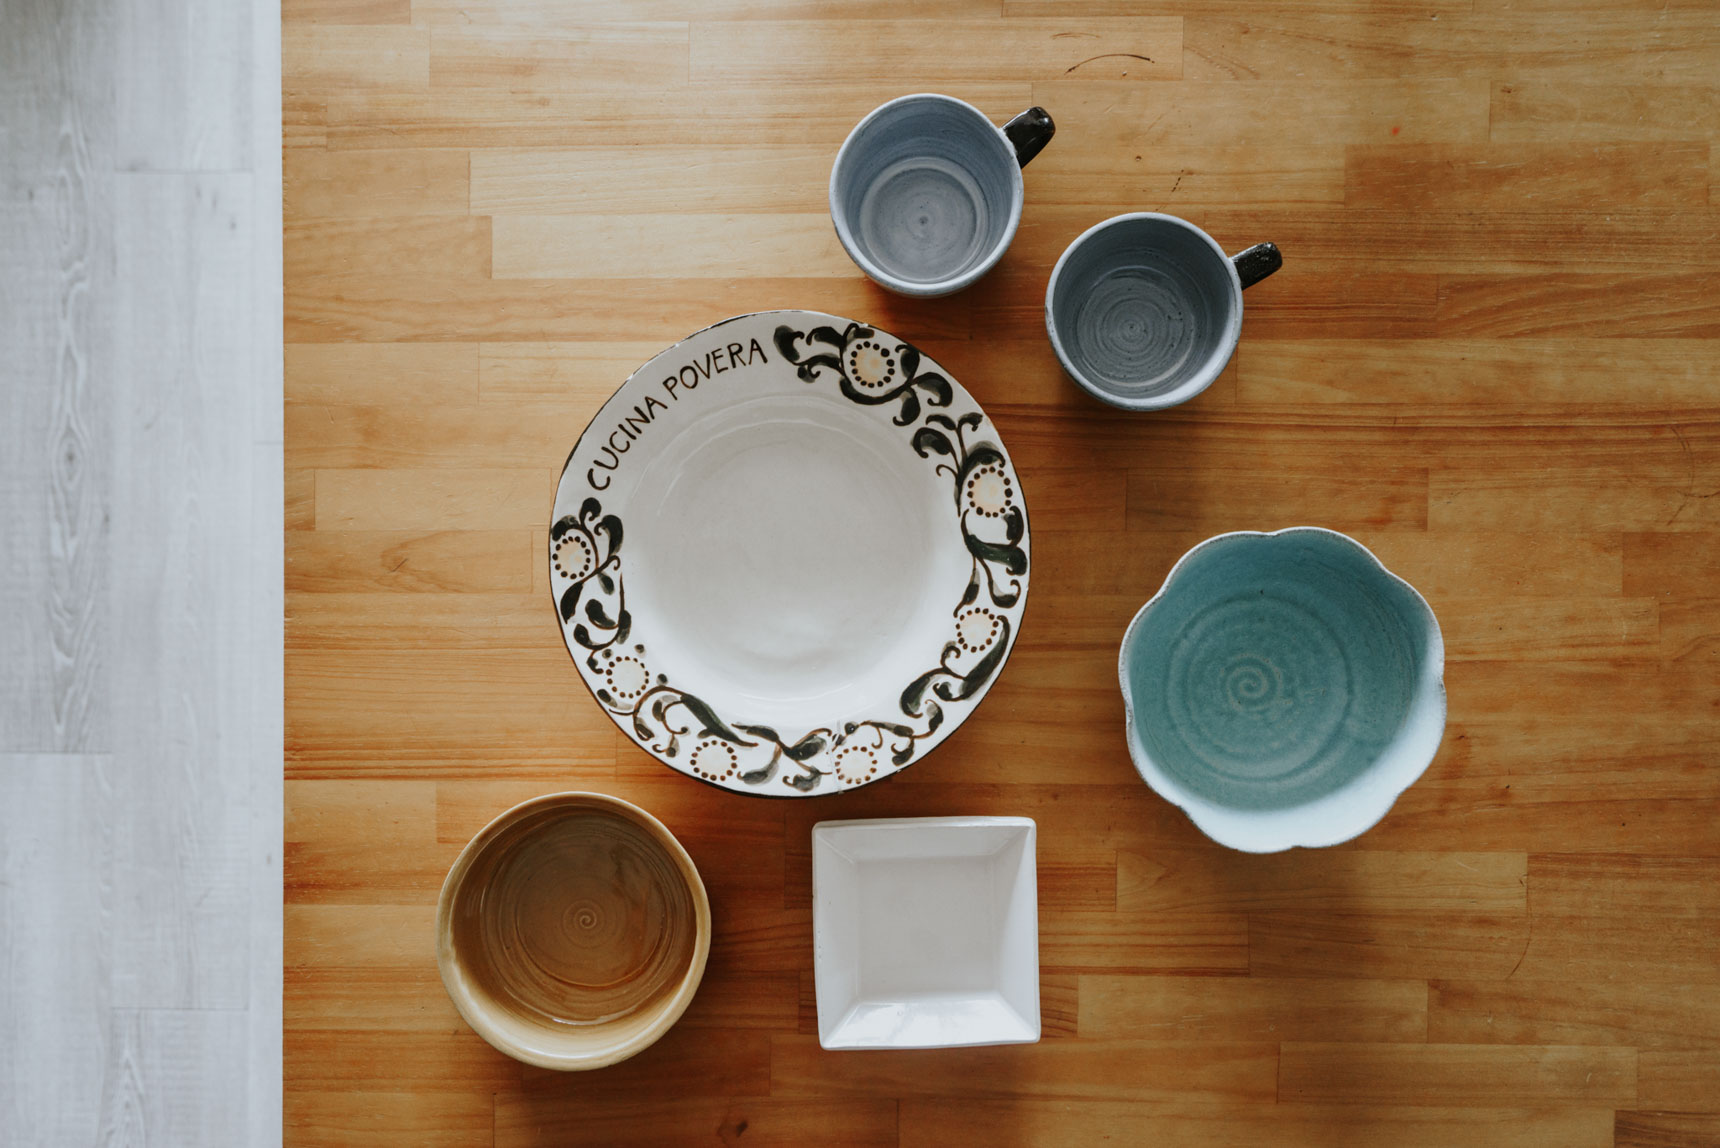 あがささんは最近、陶芸教室に通われているとのことで、お気に入りの器はご自身たちで作られたもの。